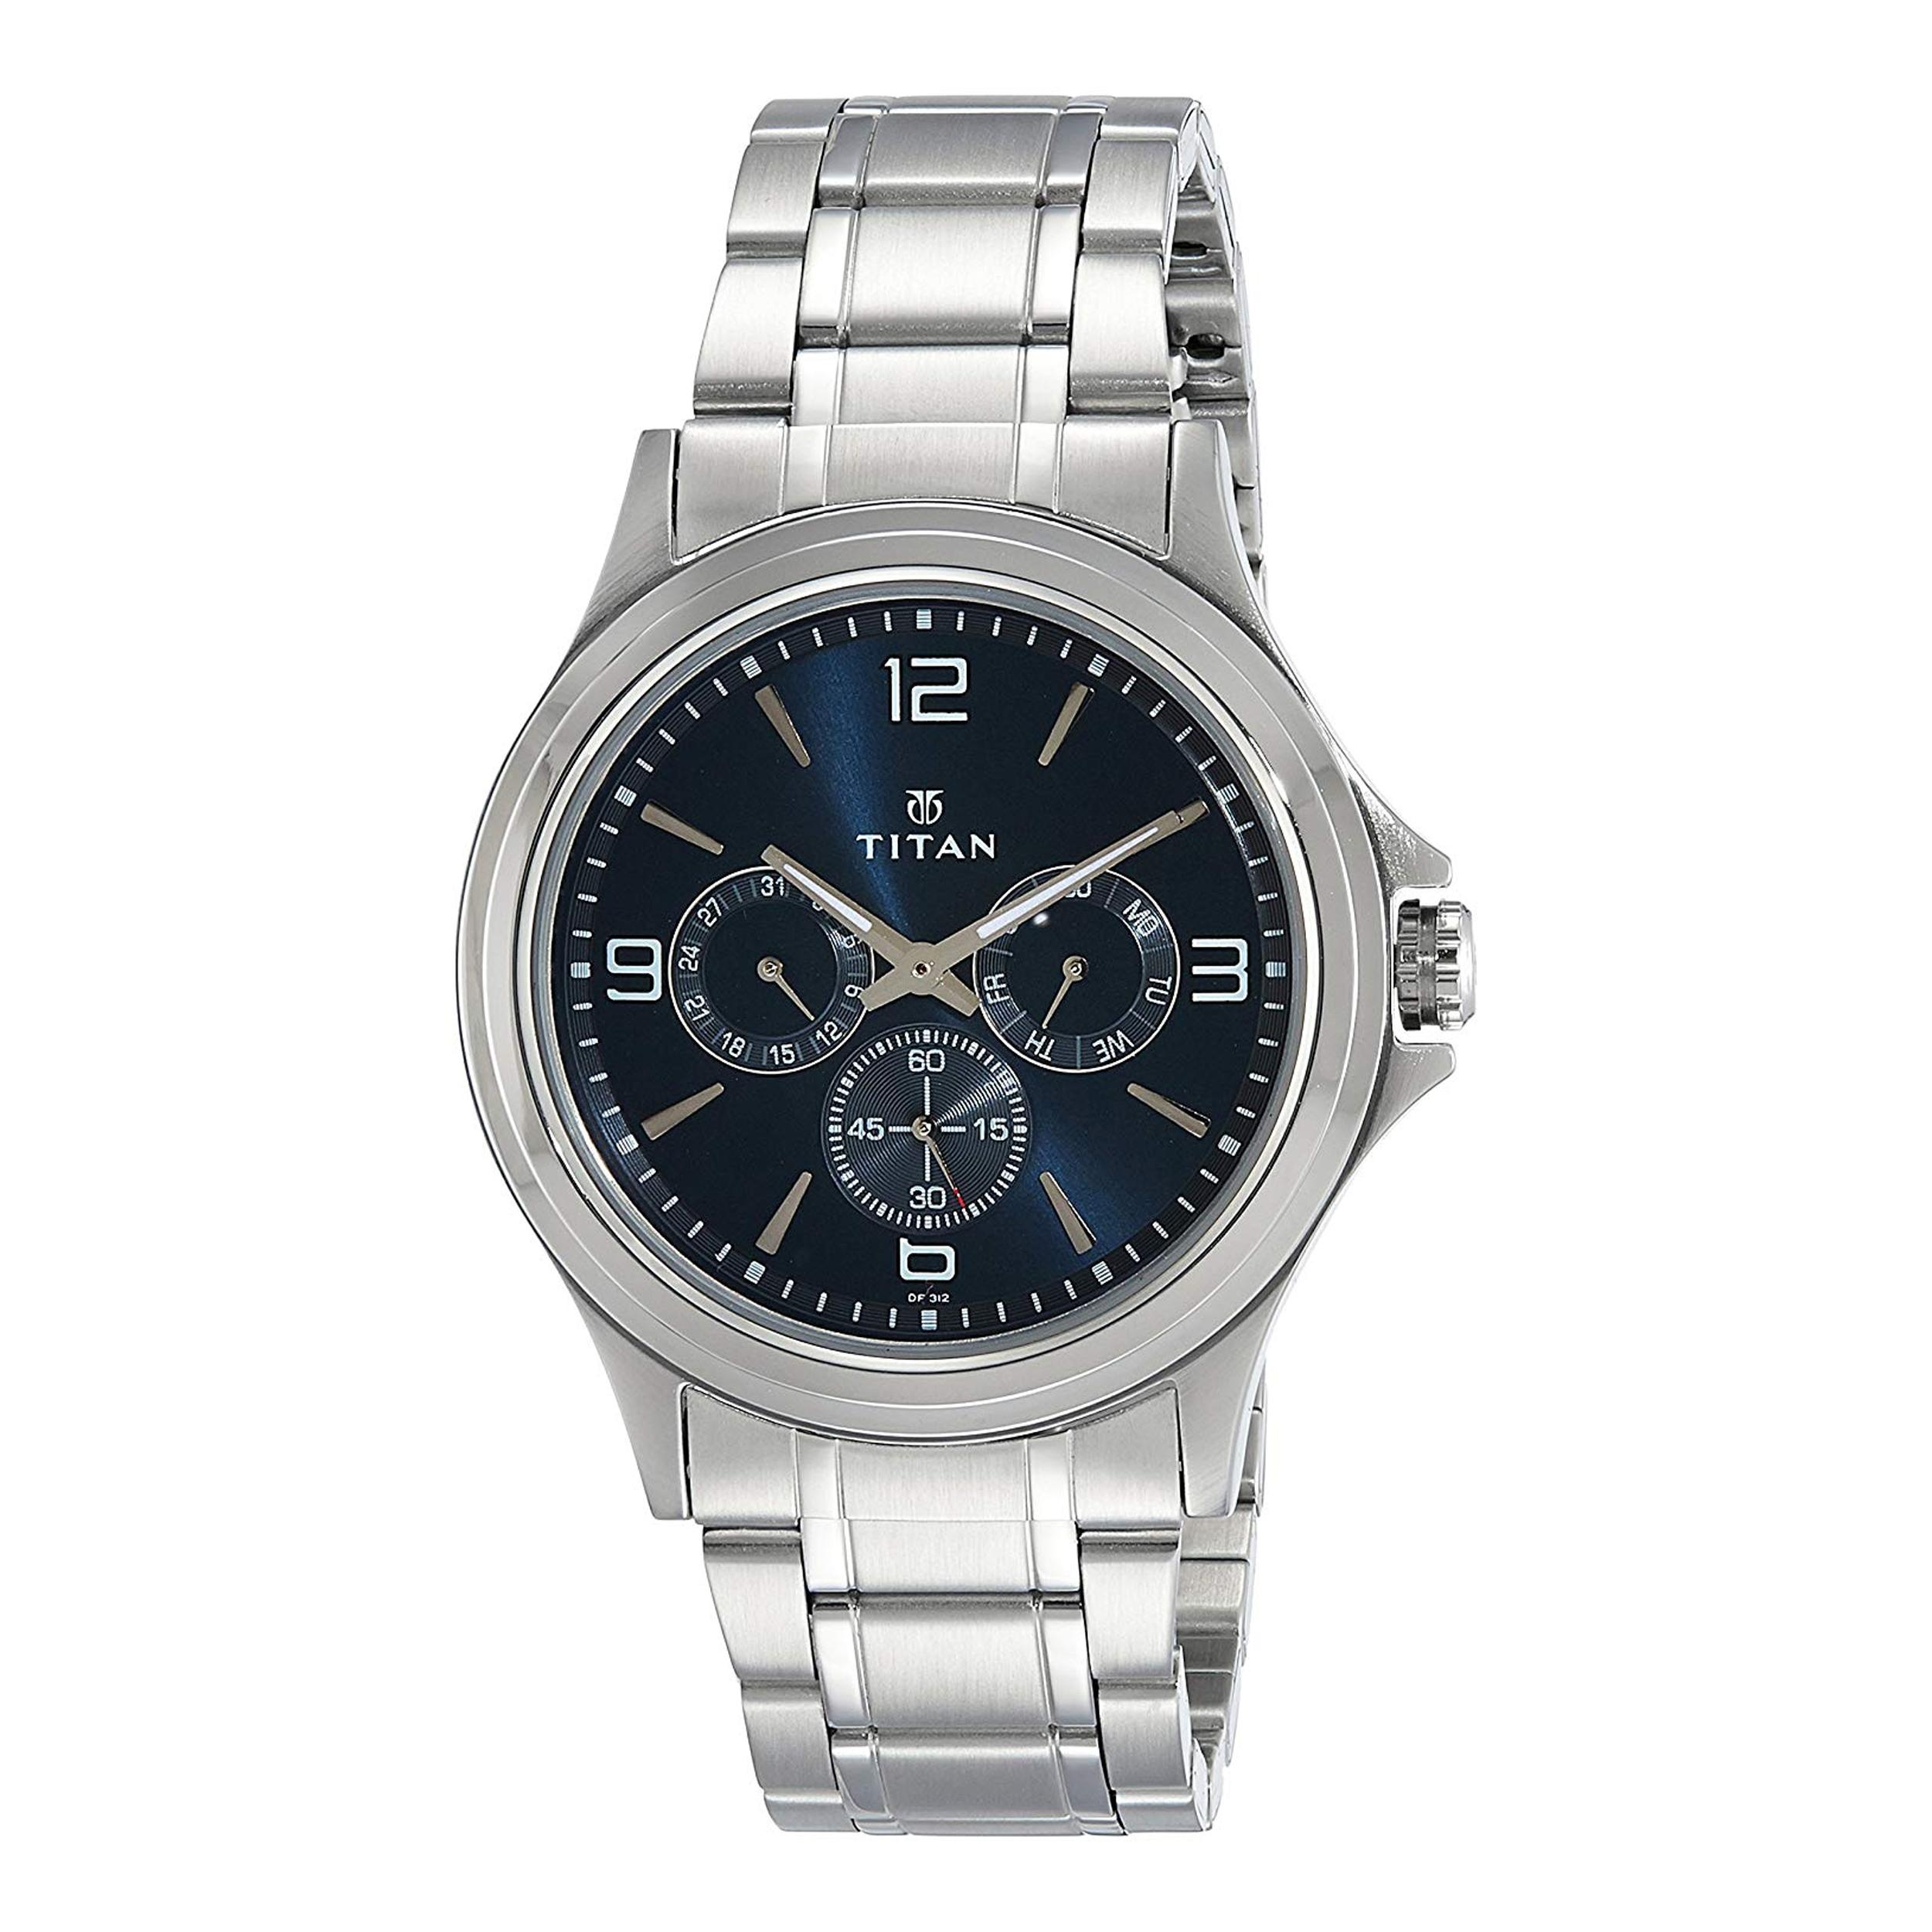 ساعت مچی عقربه ای مردانه تایتن مدل T1698SM02